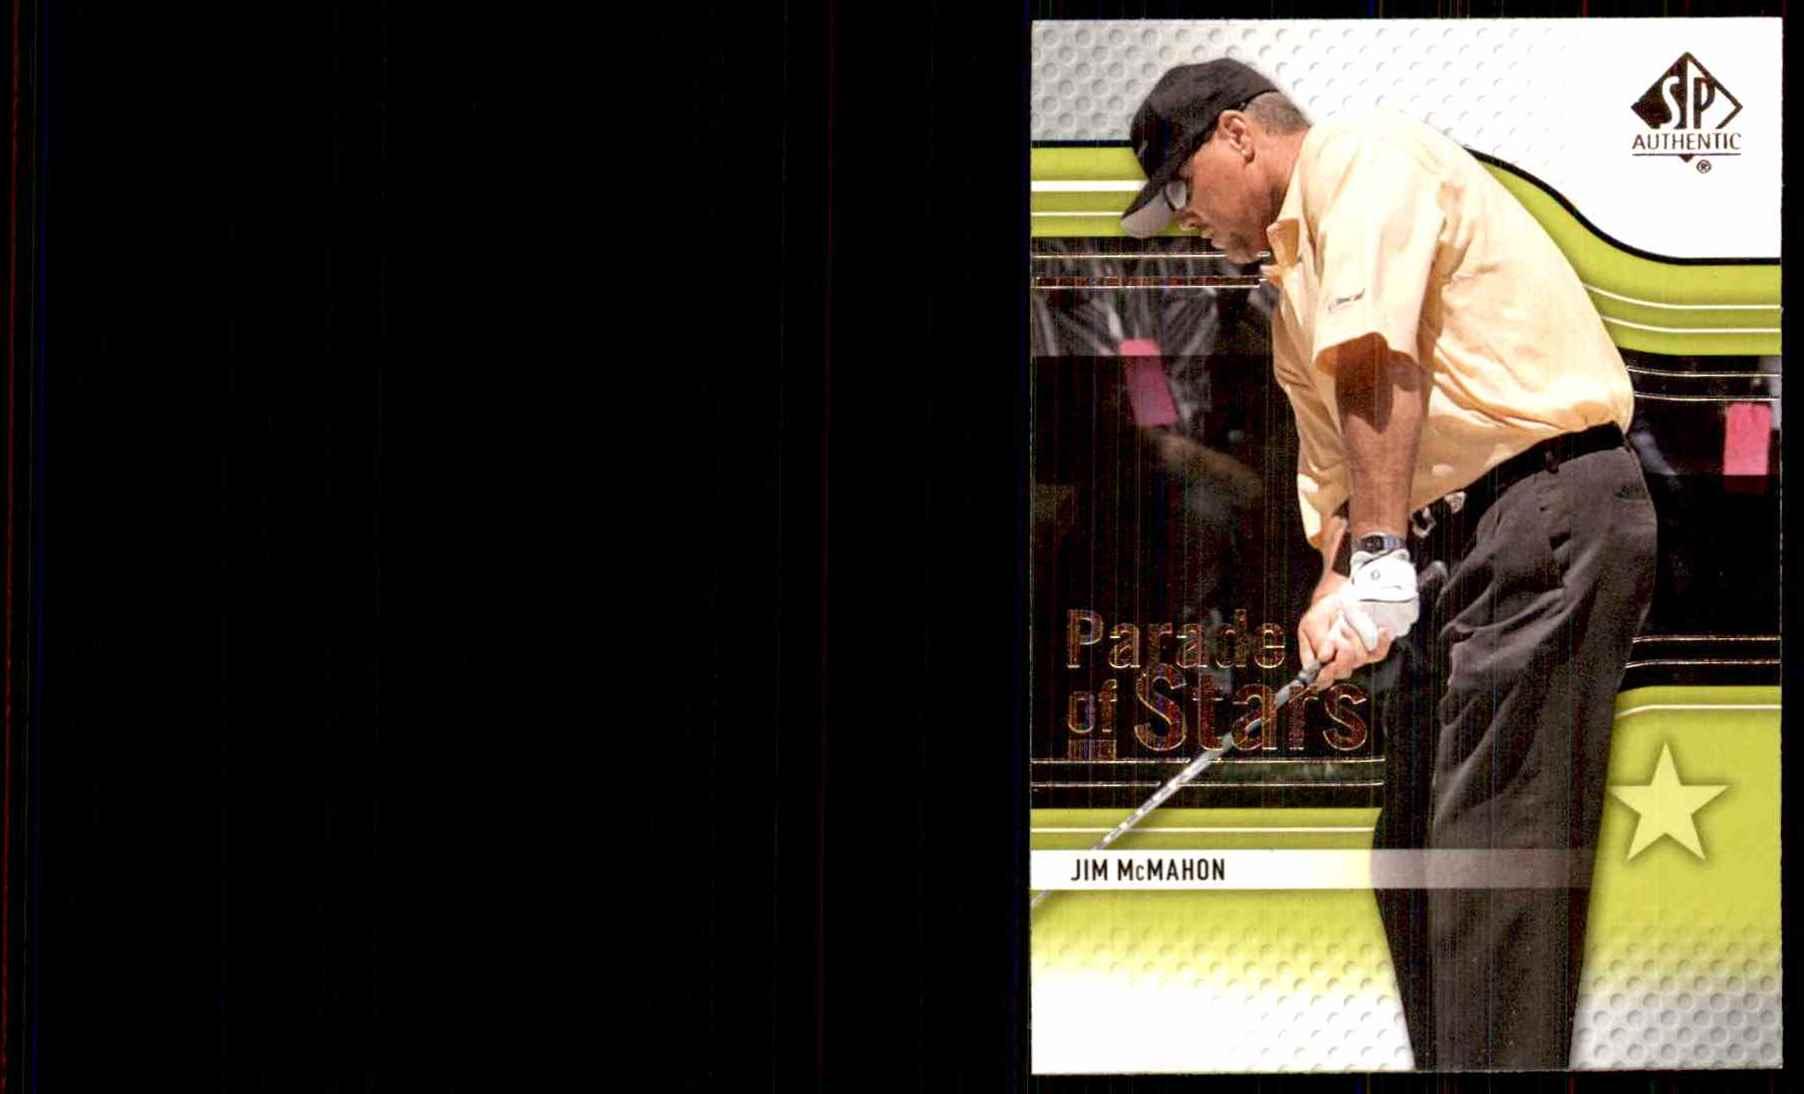 2012 SP Authentic Jim McMahon Ps #80 card front image